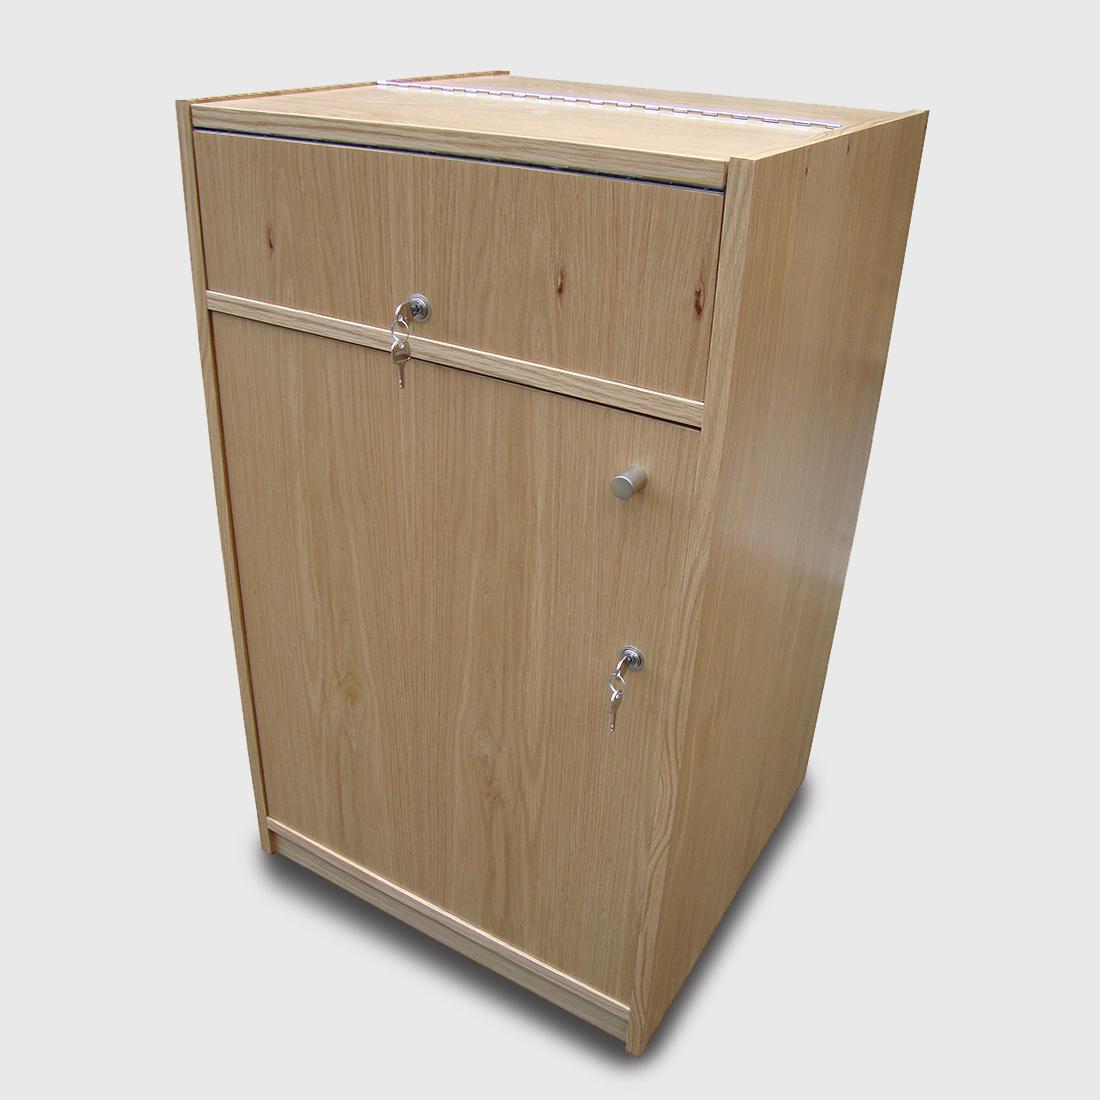 making blog cabinet maintenance furniture with ventilation cooling design blok active av back open fans